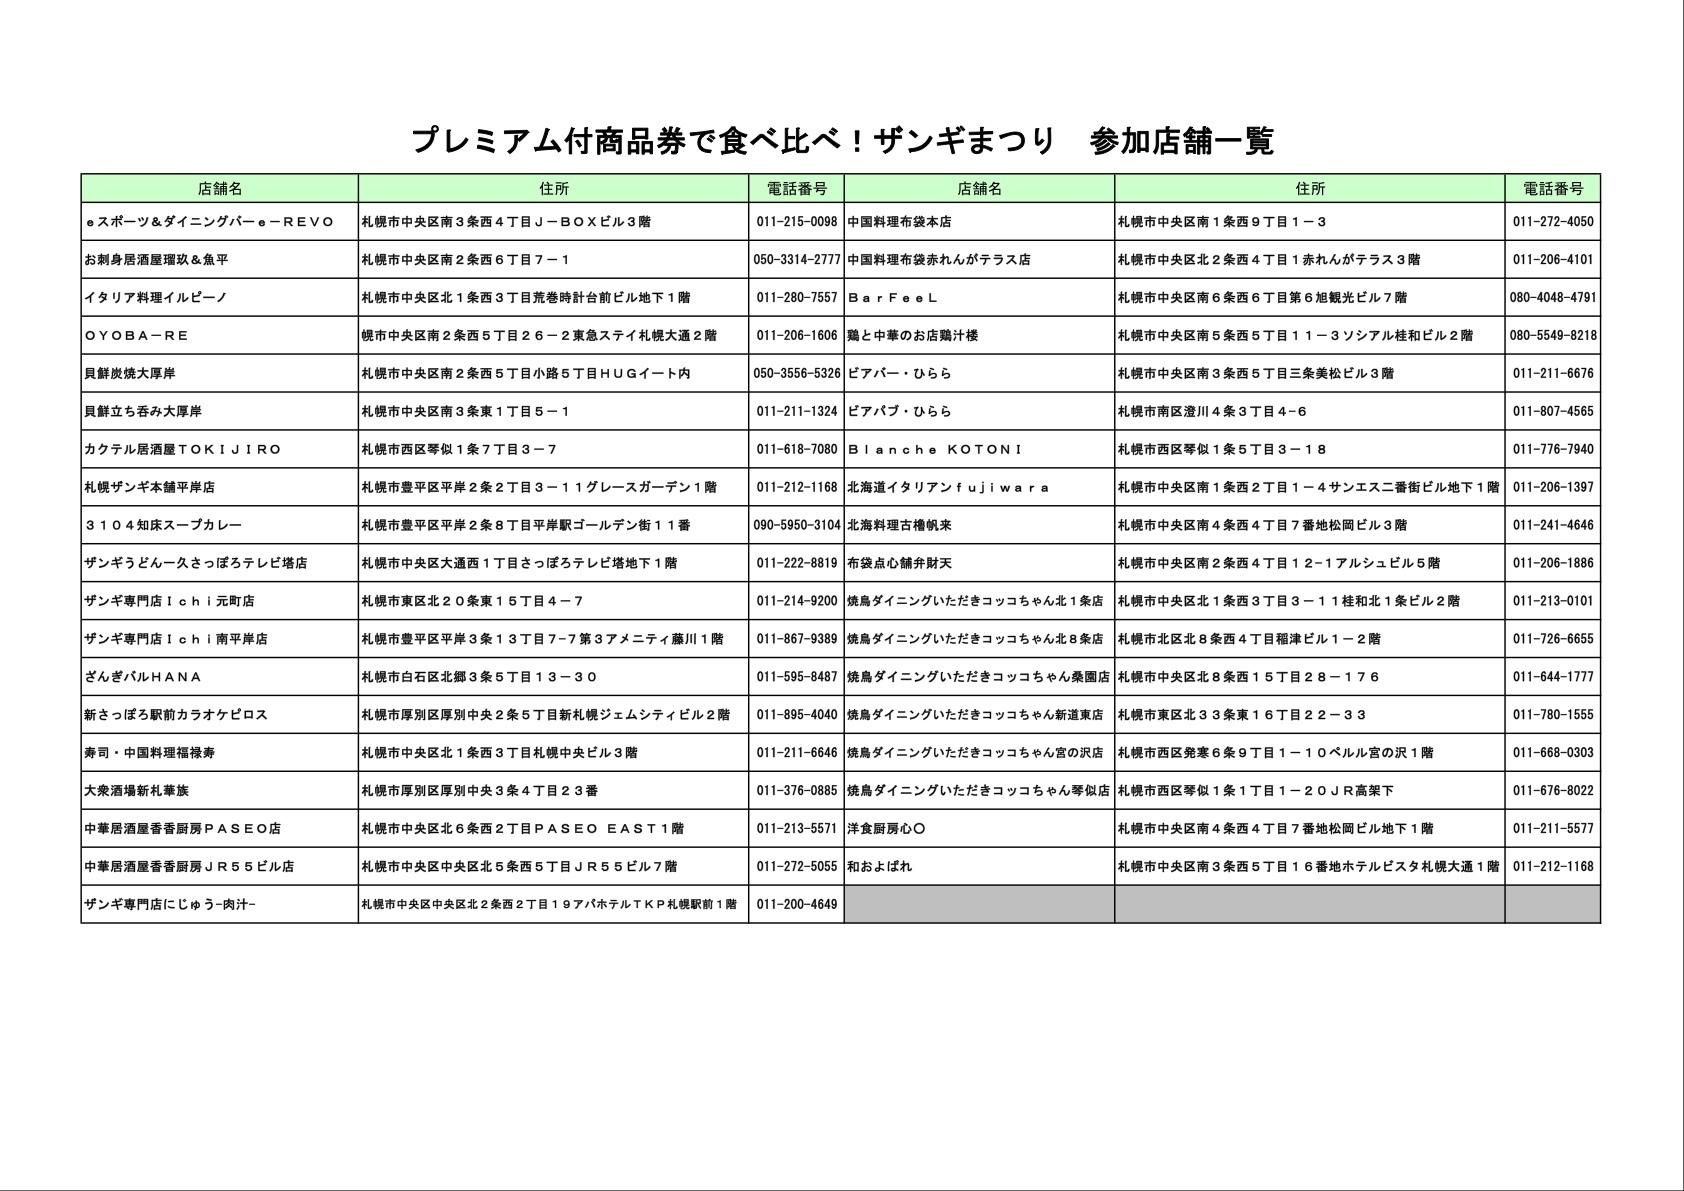 対象 券 札幌 店舗 プレミアム 商品